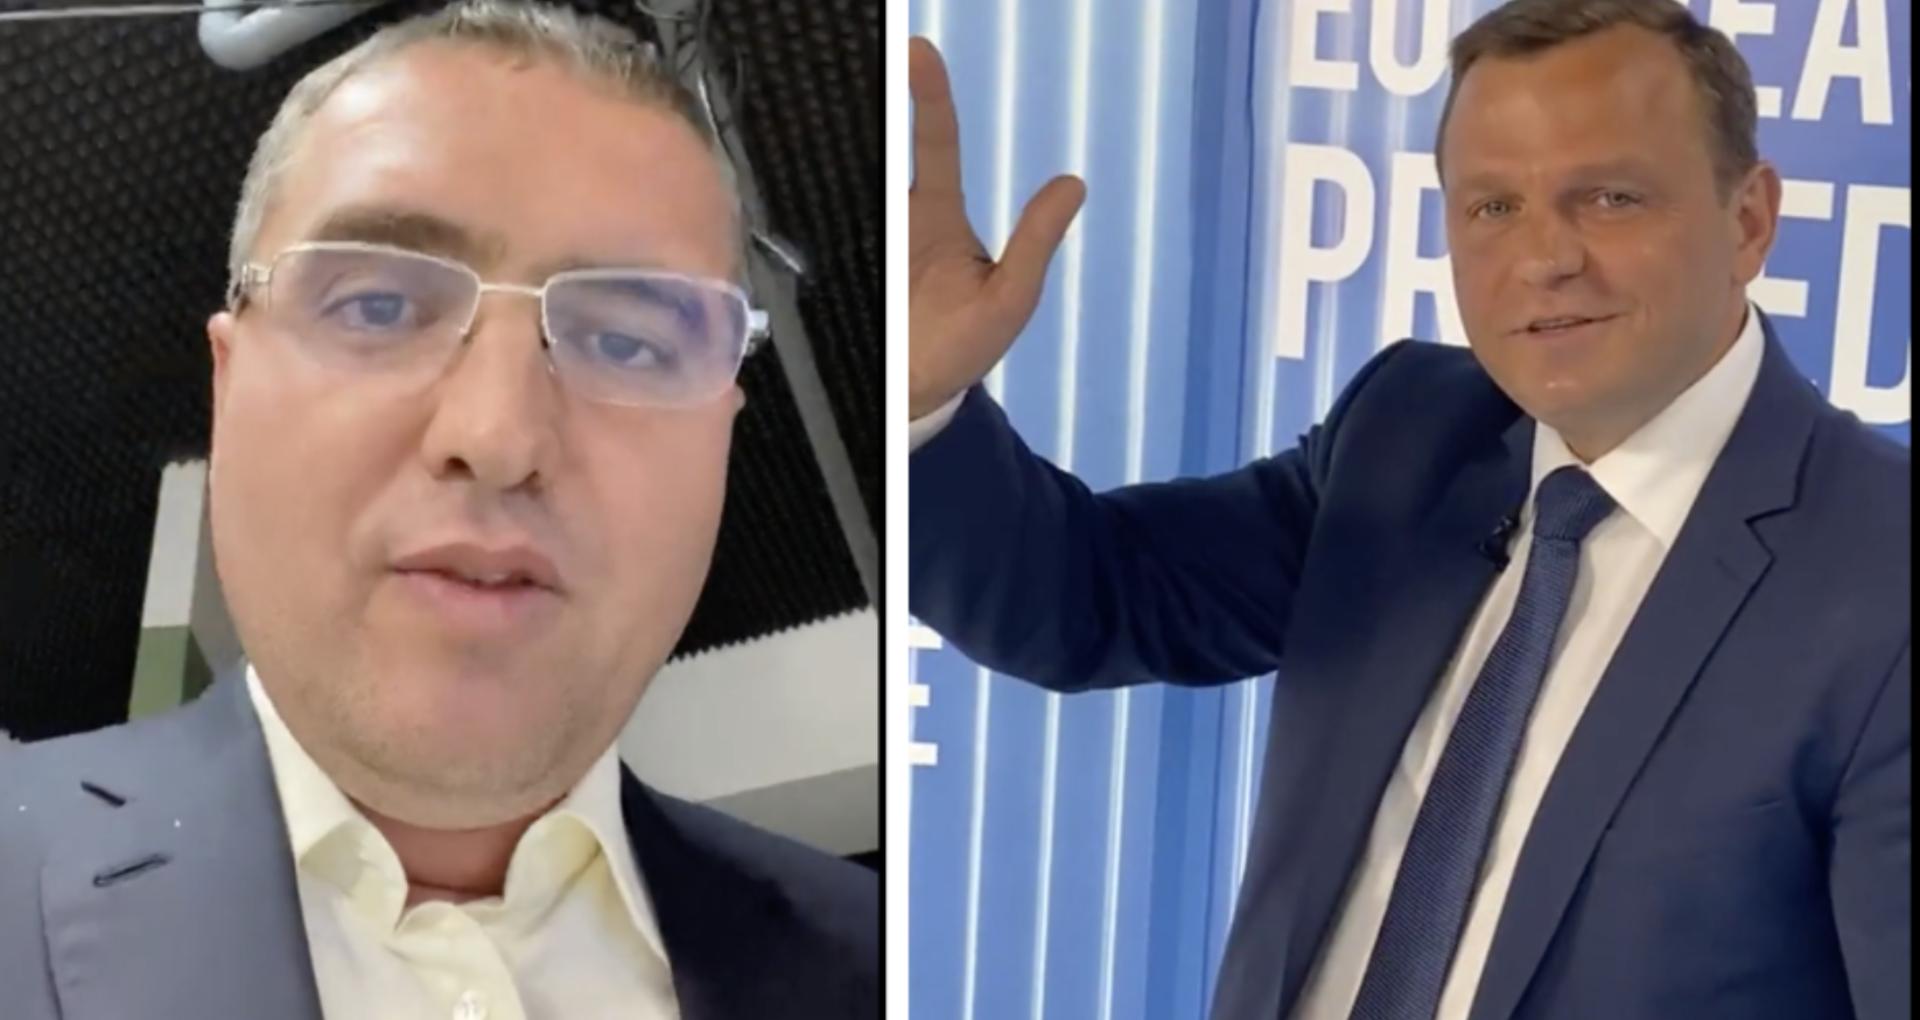 VIDEO/ Pariul lui Renato Usatîi: Dacă Andrei Năstase ia mai mult de 10% la alegerile prezidențiale, îi cumpără un Mercedes E Class nou